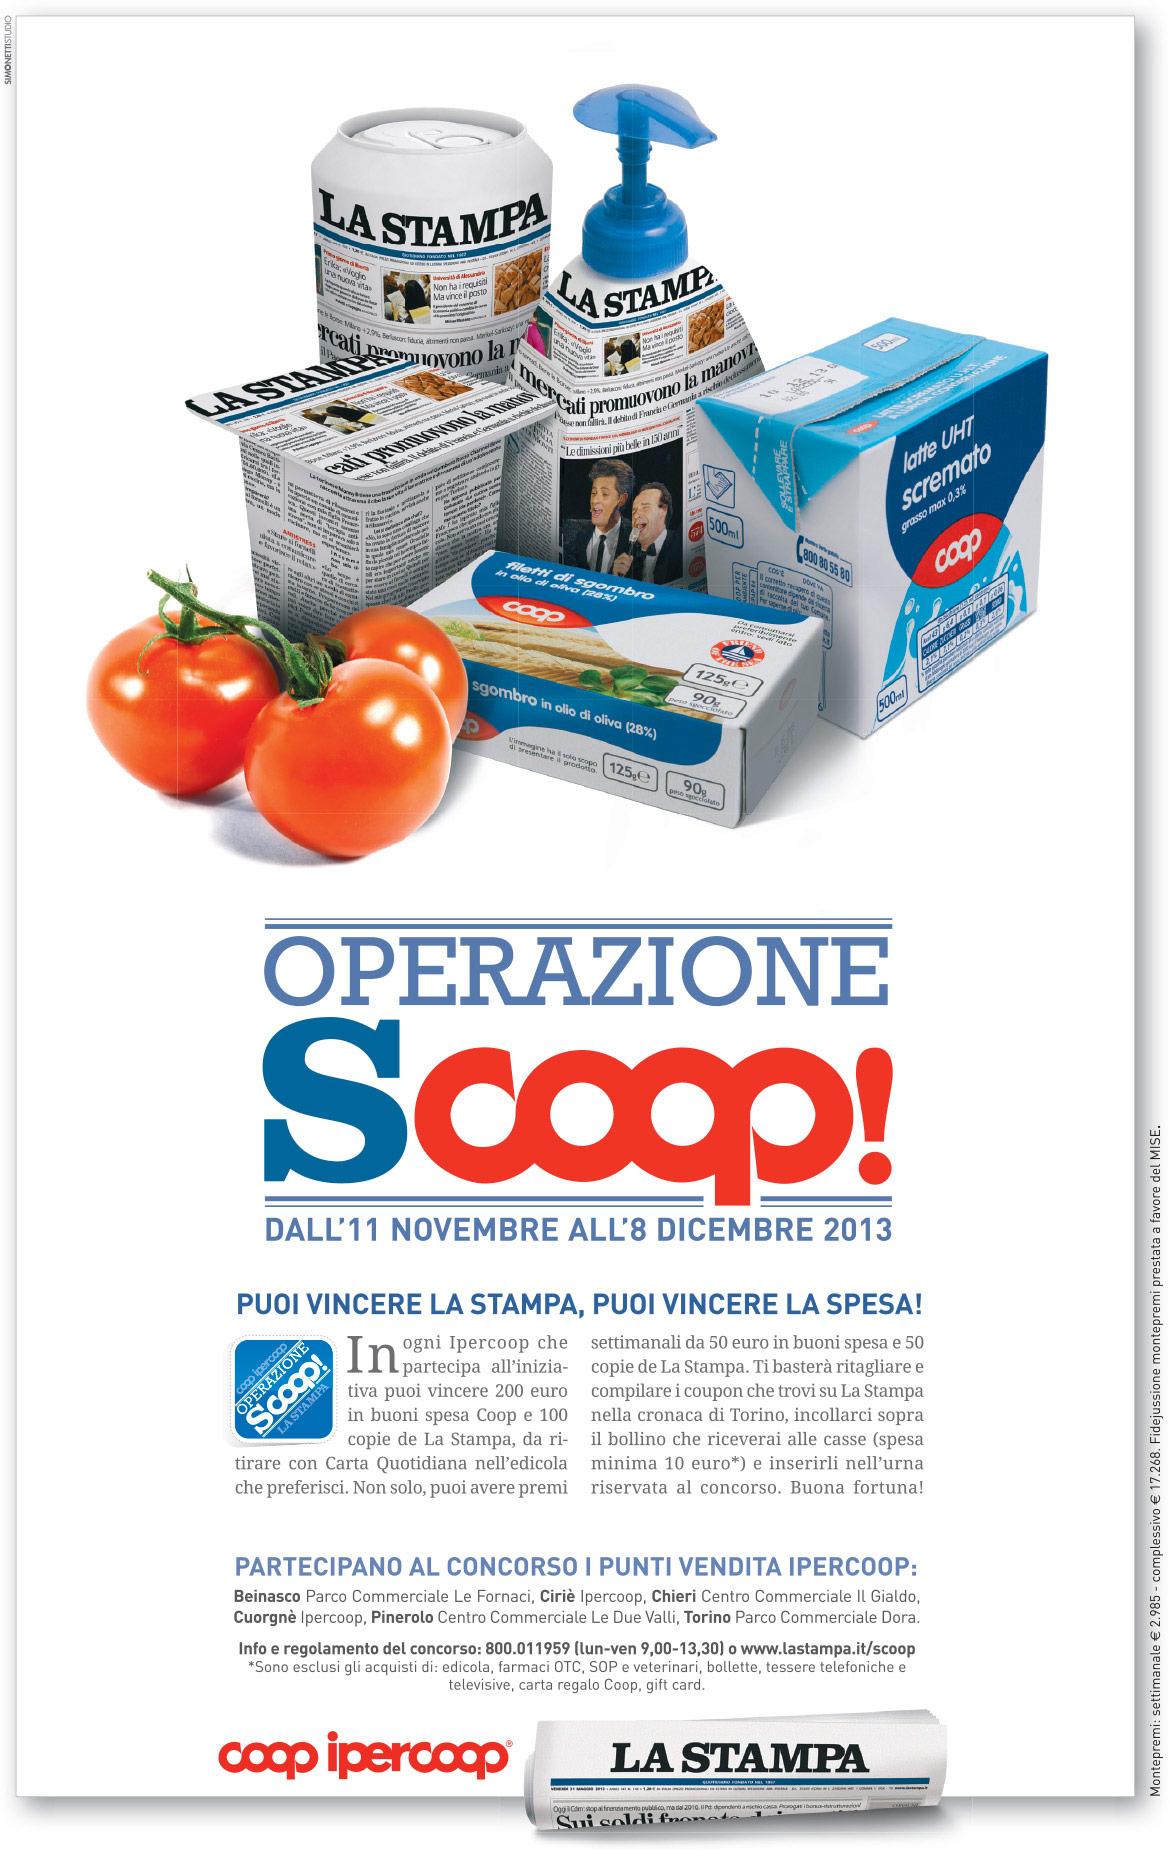 Operazione Scoop-0